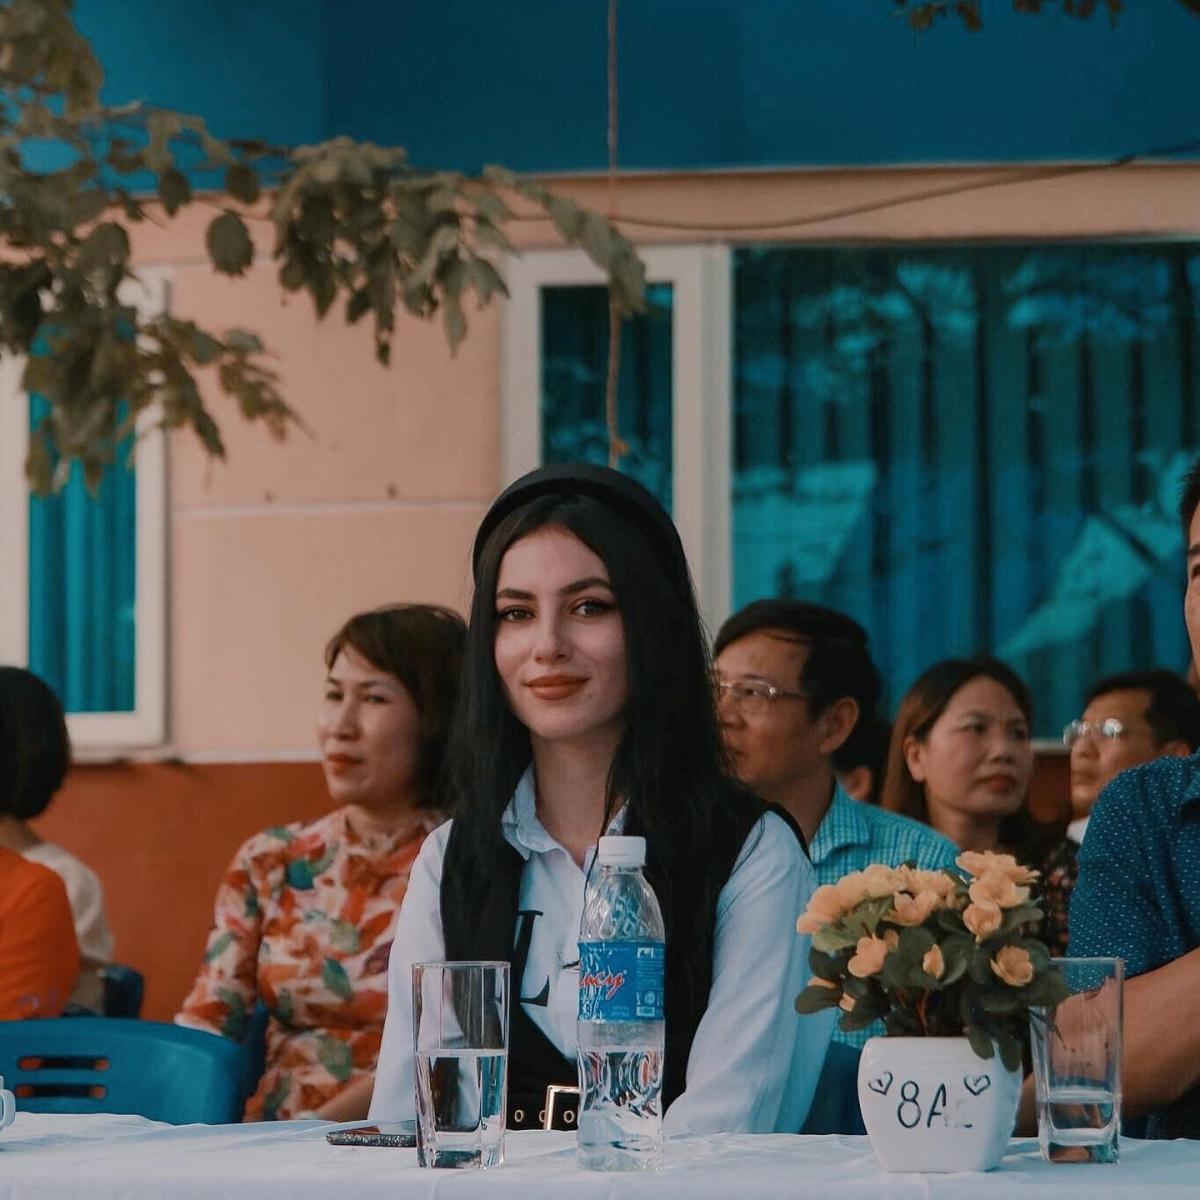 """Mới đây, hình ảnh cô giáo Tây xinh đẹp trong ngày khai giảng tại trường THCS - THPT Hà Thành (Hà Nội) đã gây """"sốt"""" mạng xã hội."""